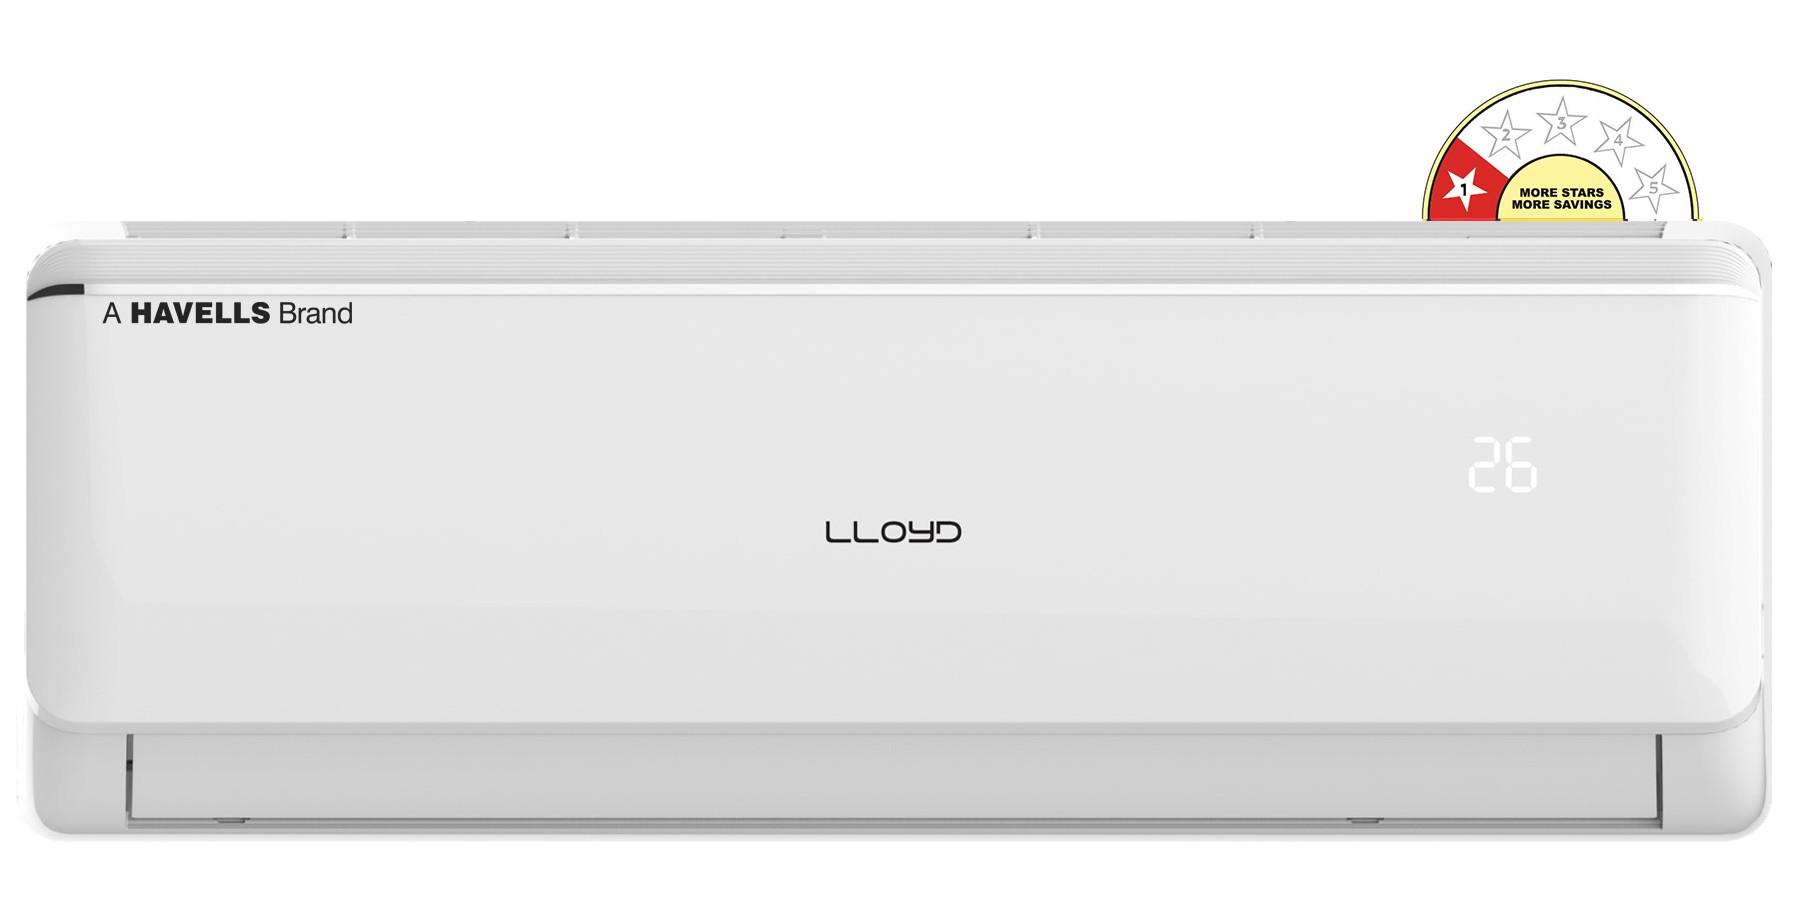 Buy Lloyd 1 Ton Split Air Conditioner Online - LS24A3FF-O